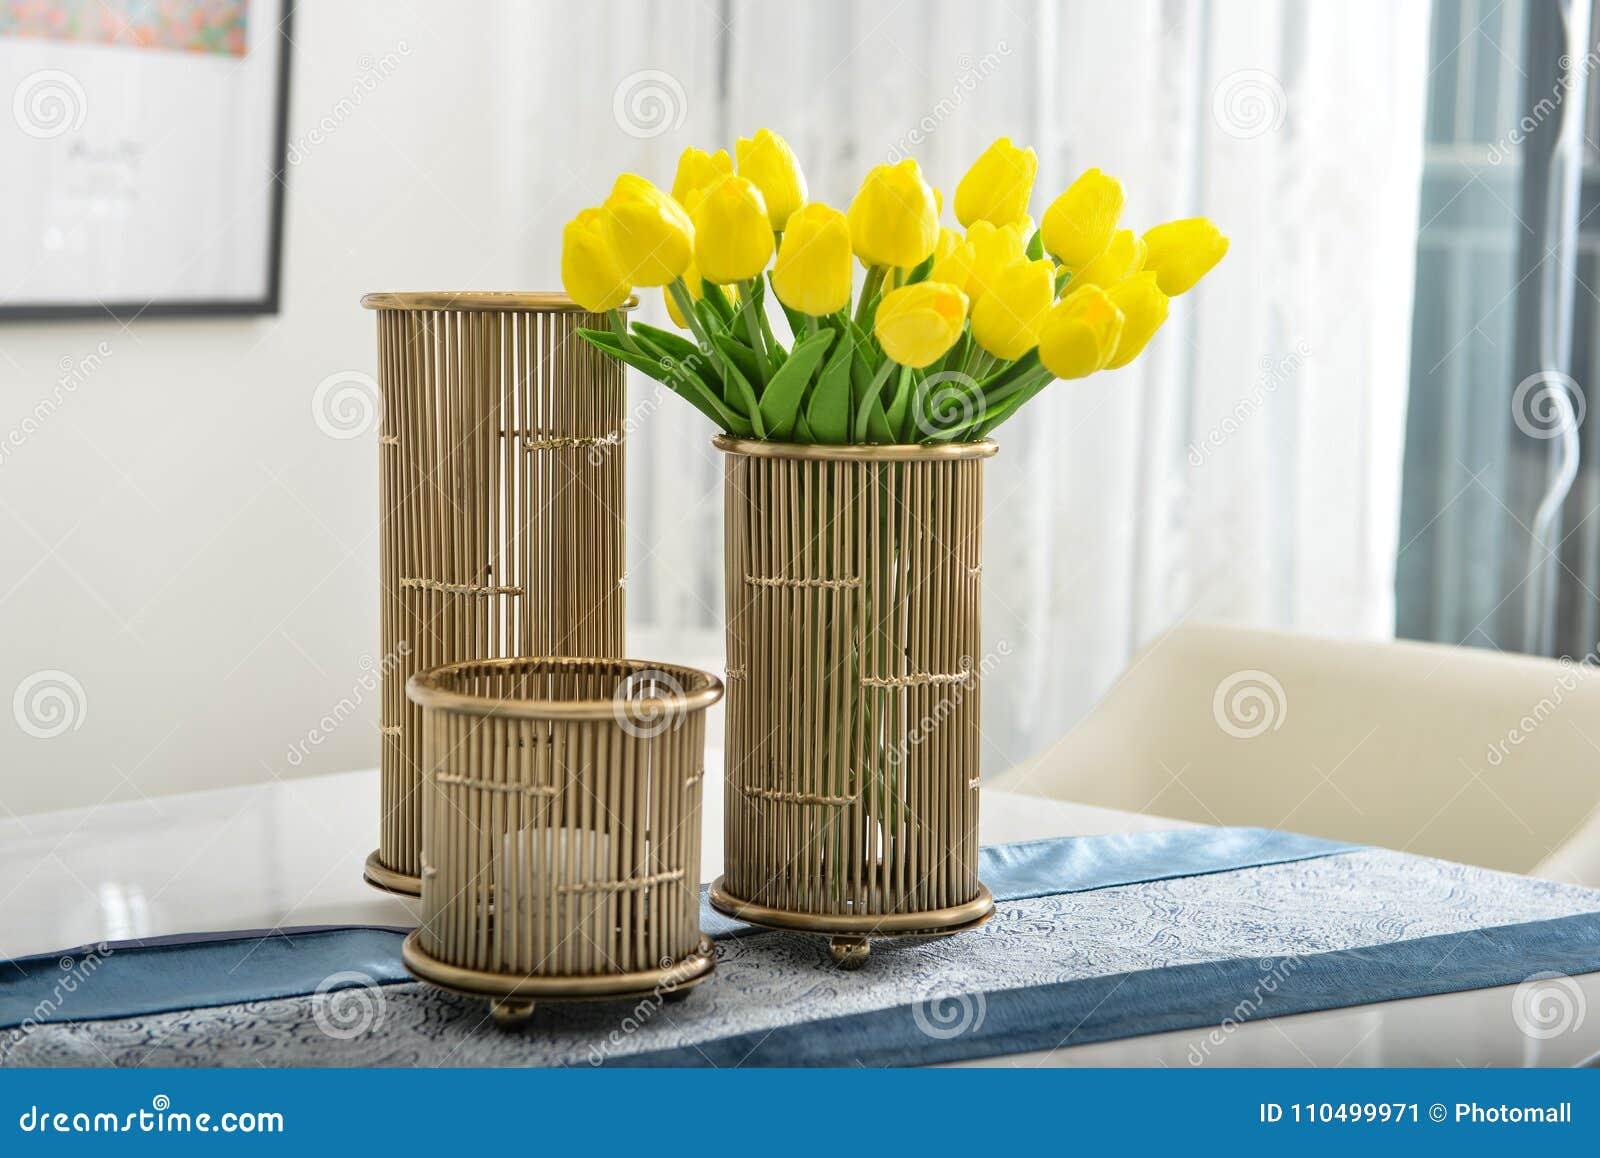 Tulipanes amarillos en el florero de cobre